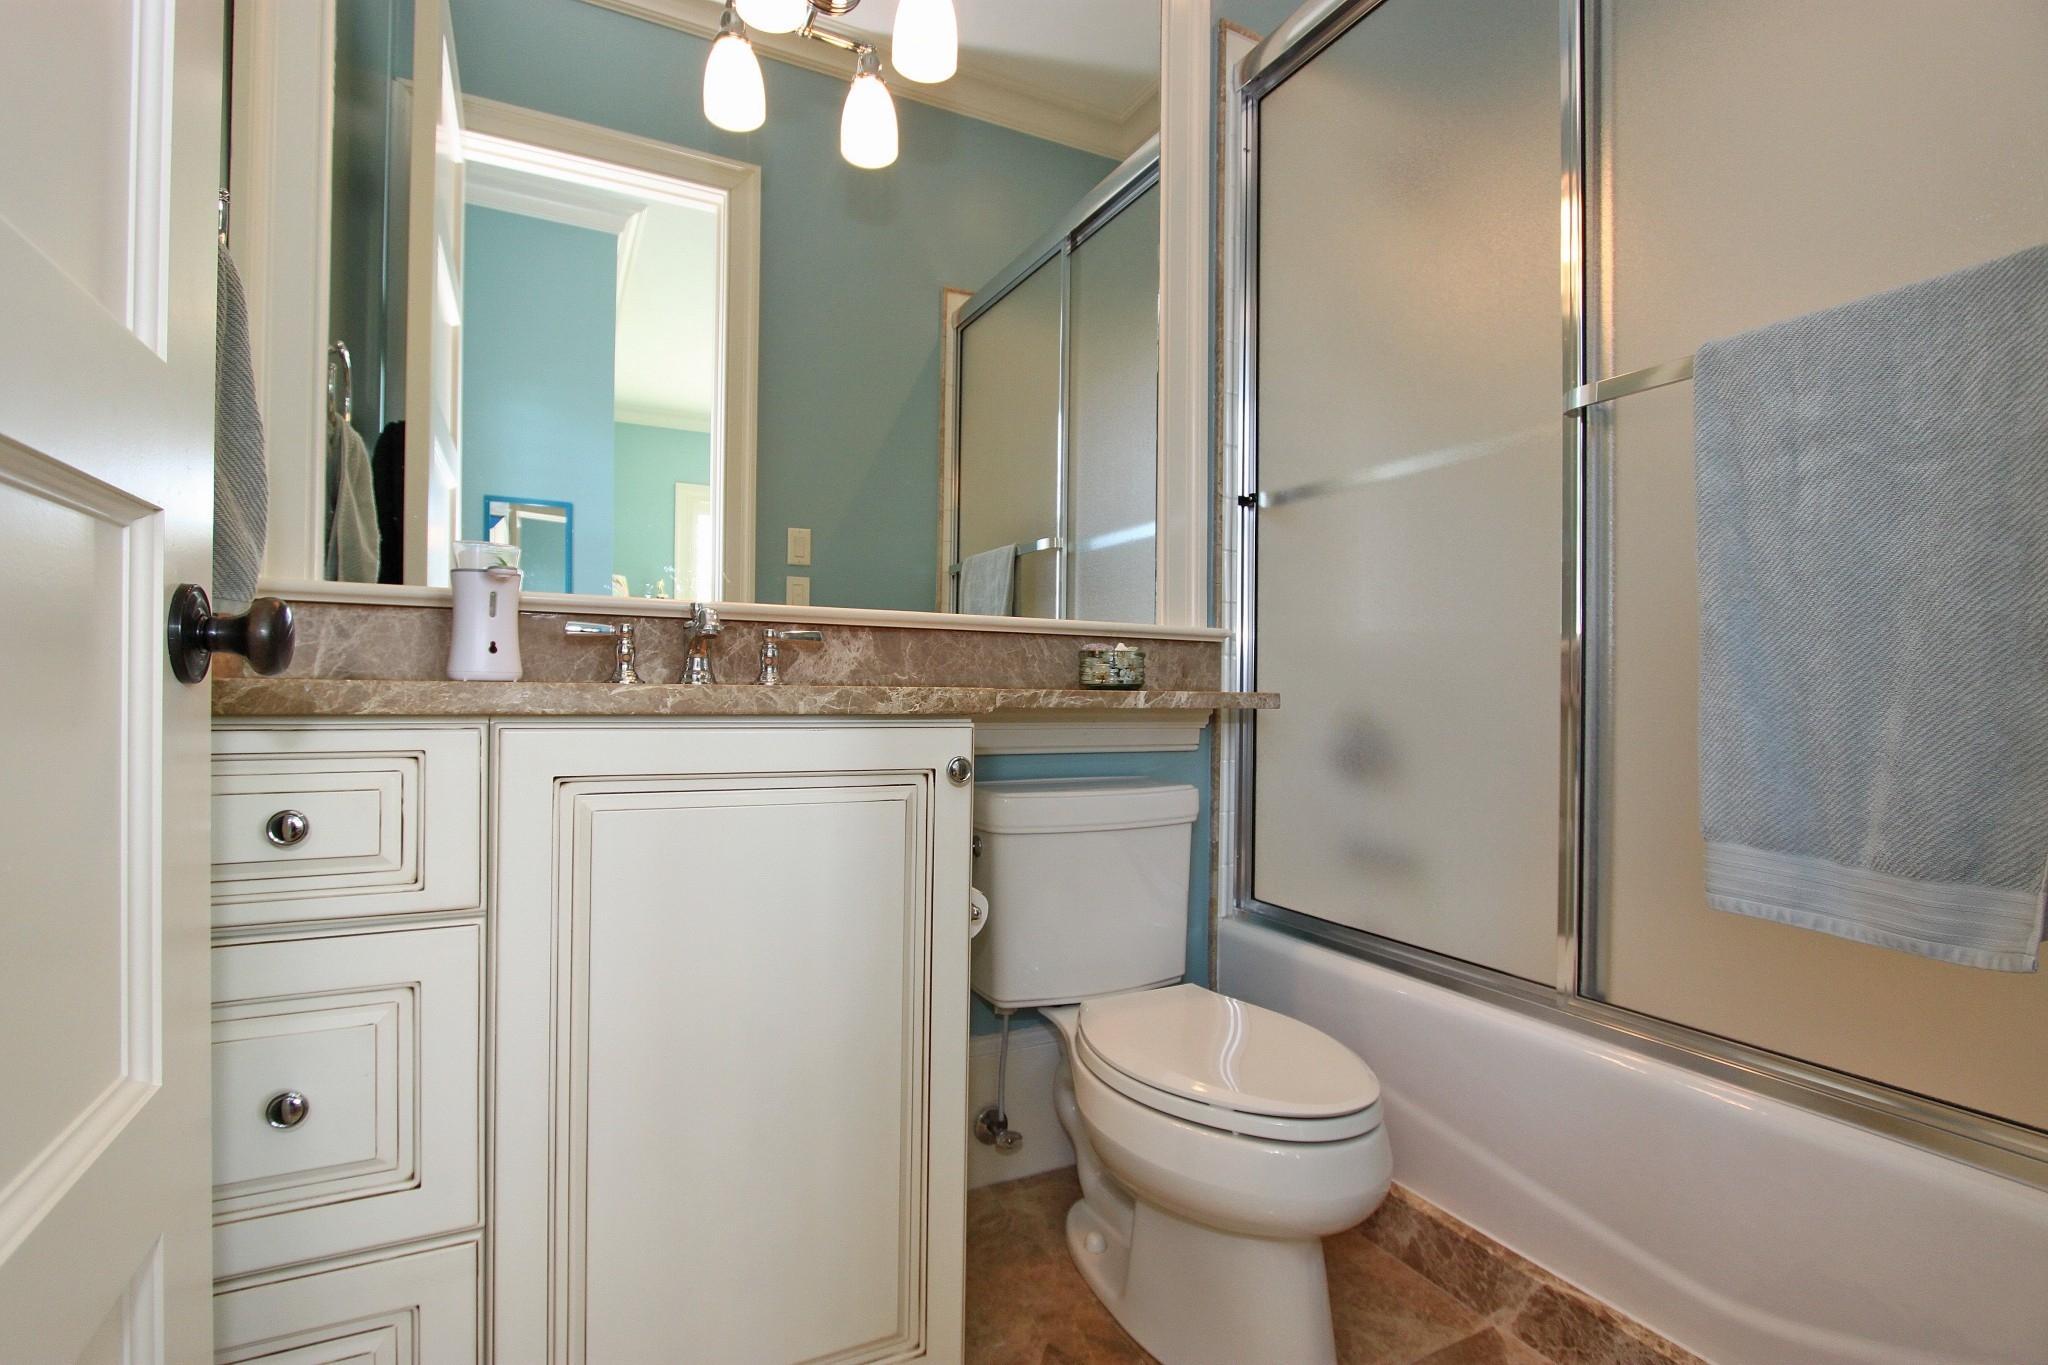 Ask Frank Real Estate Services - MLS Number: 17010631